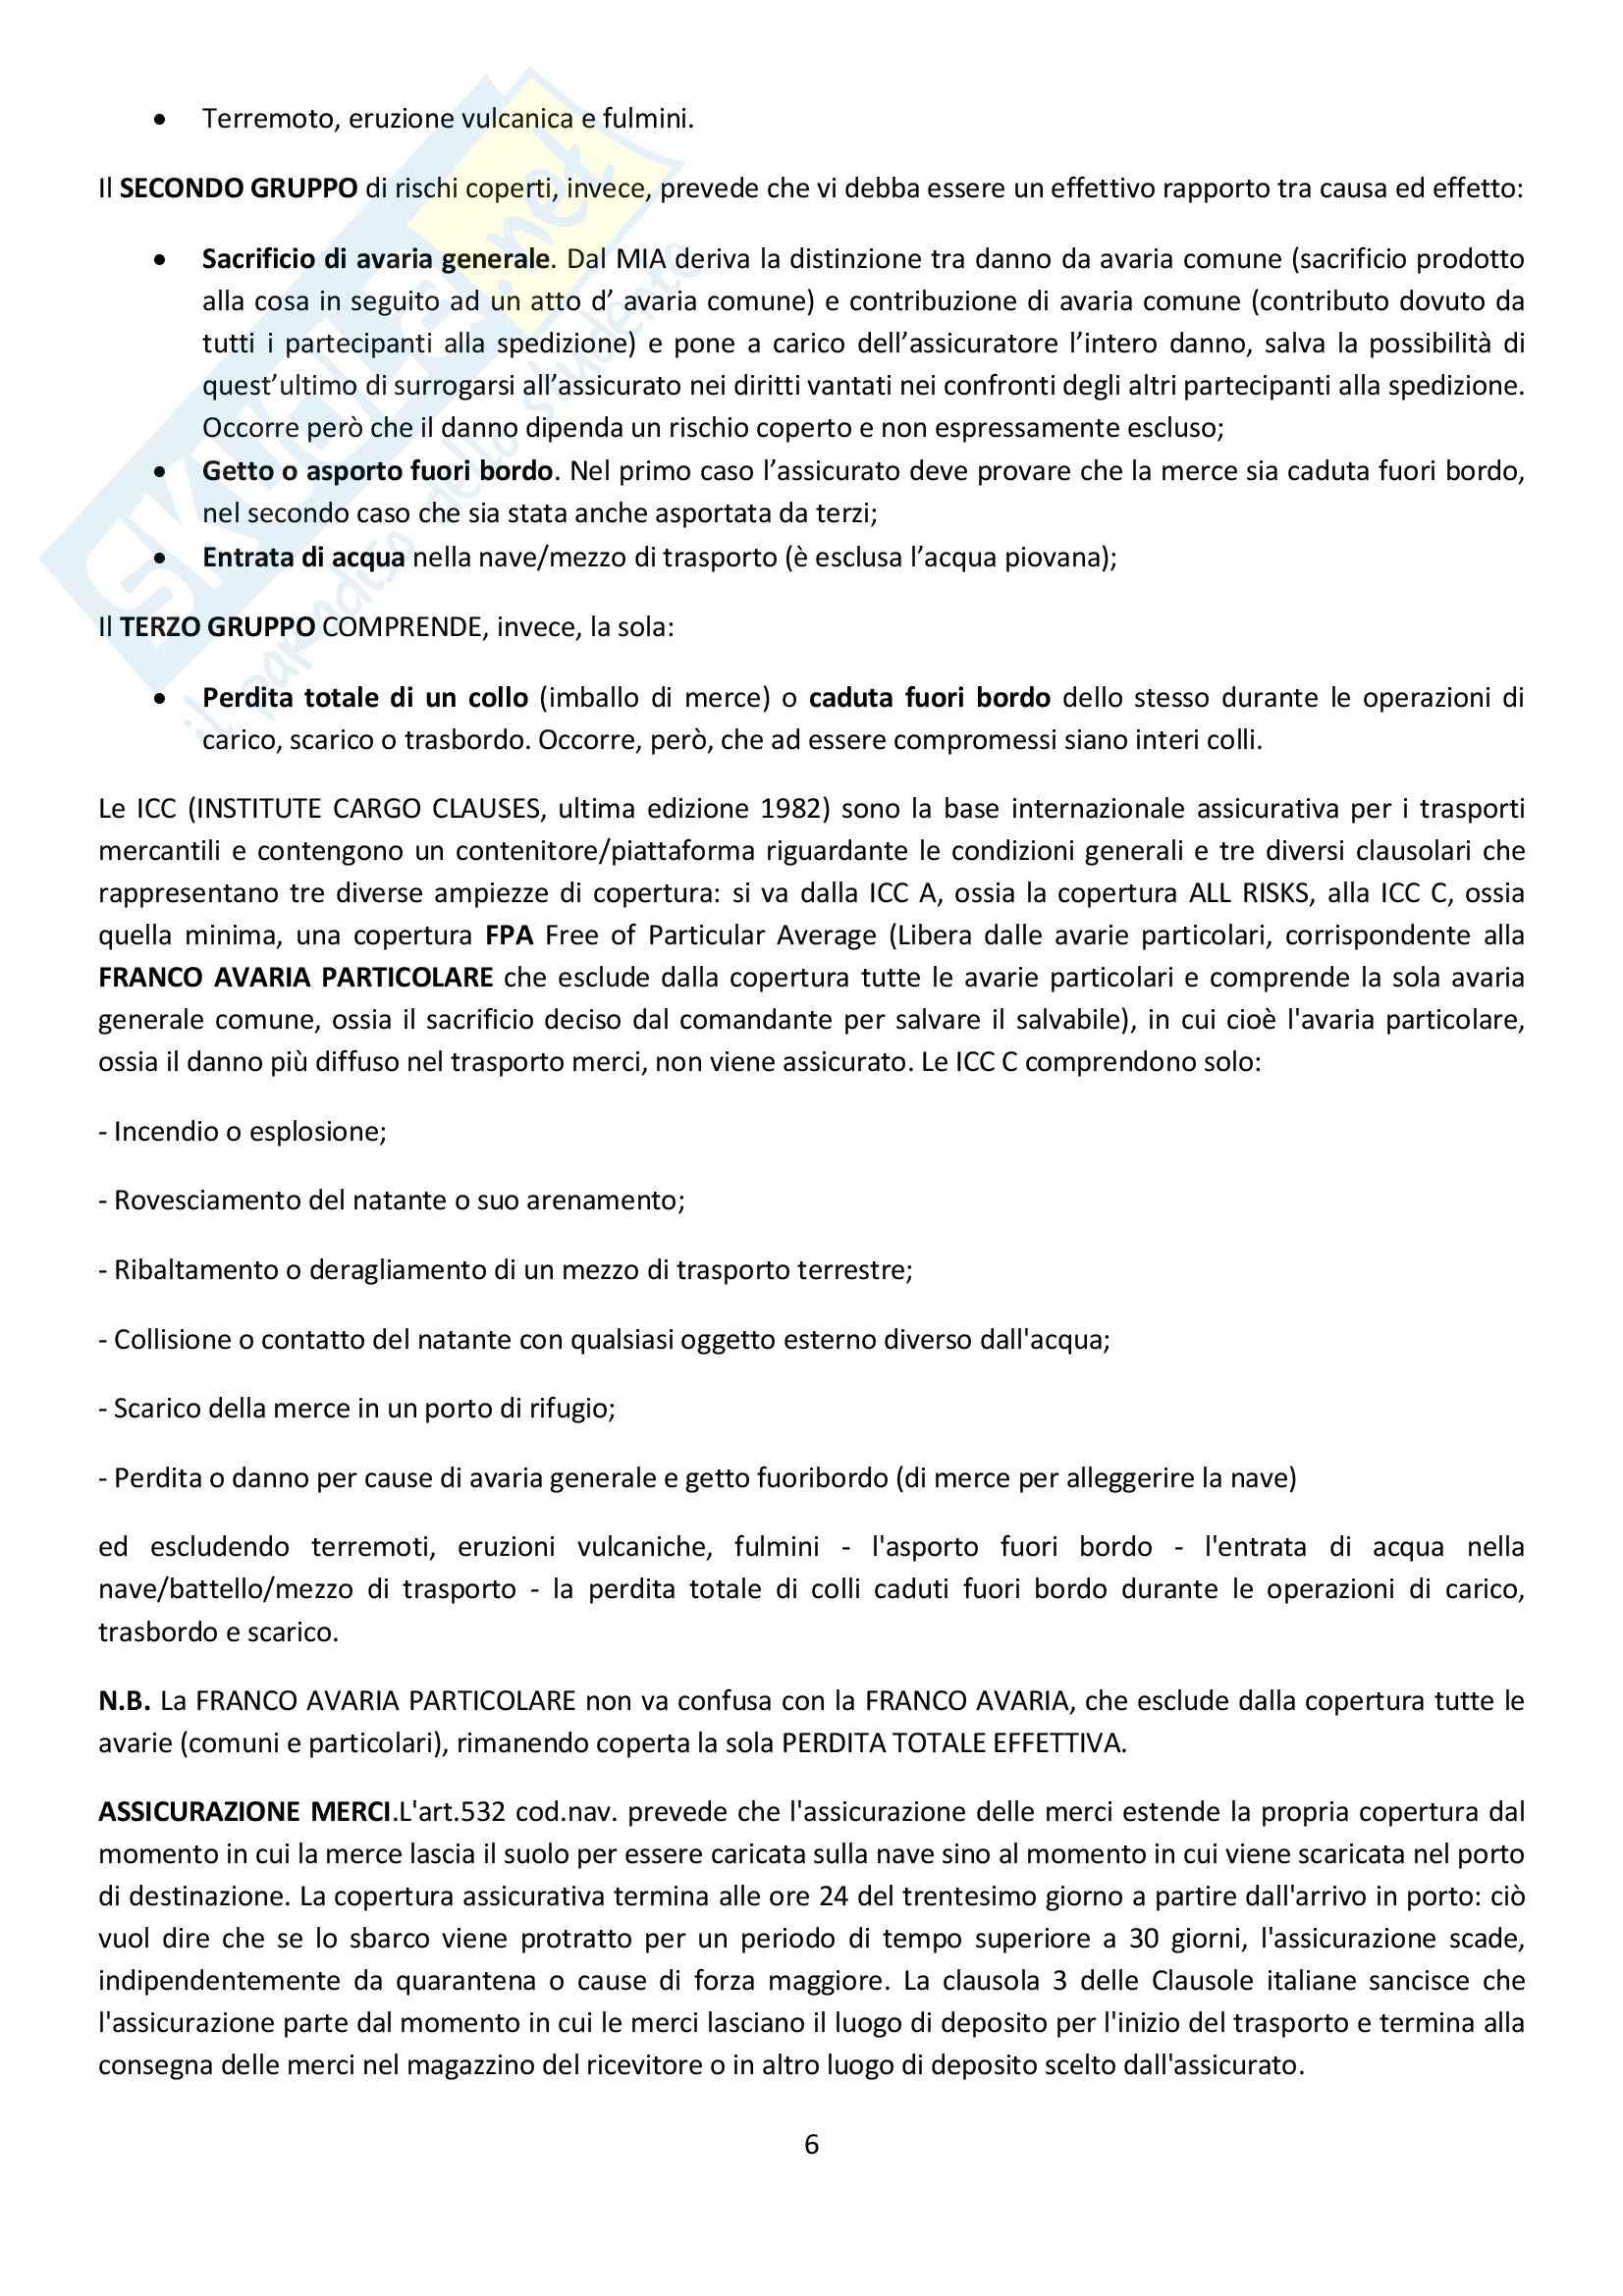 Diritto delle assicurazioni marittime - Appunti Pag. 6